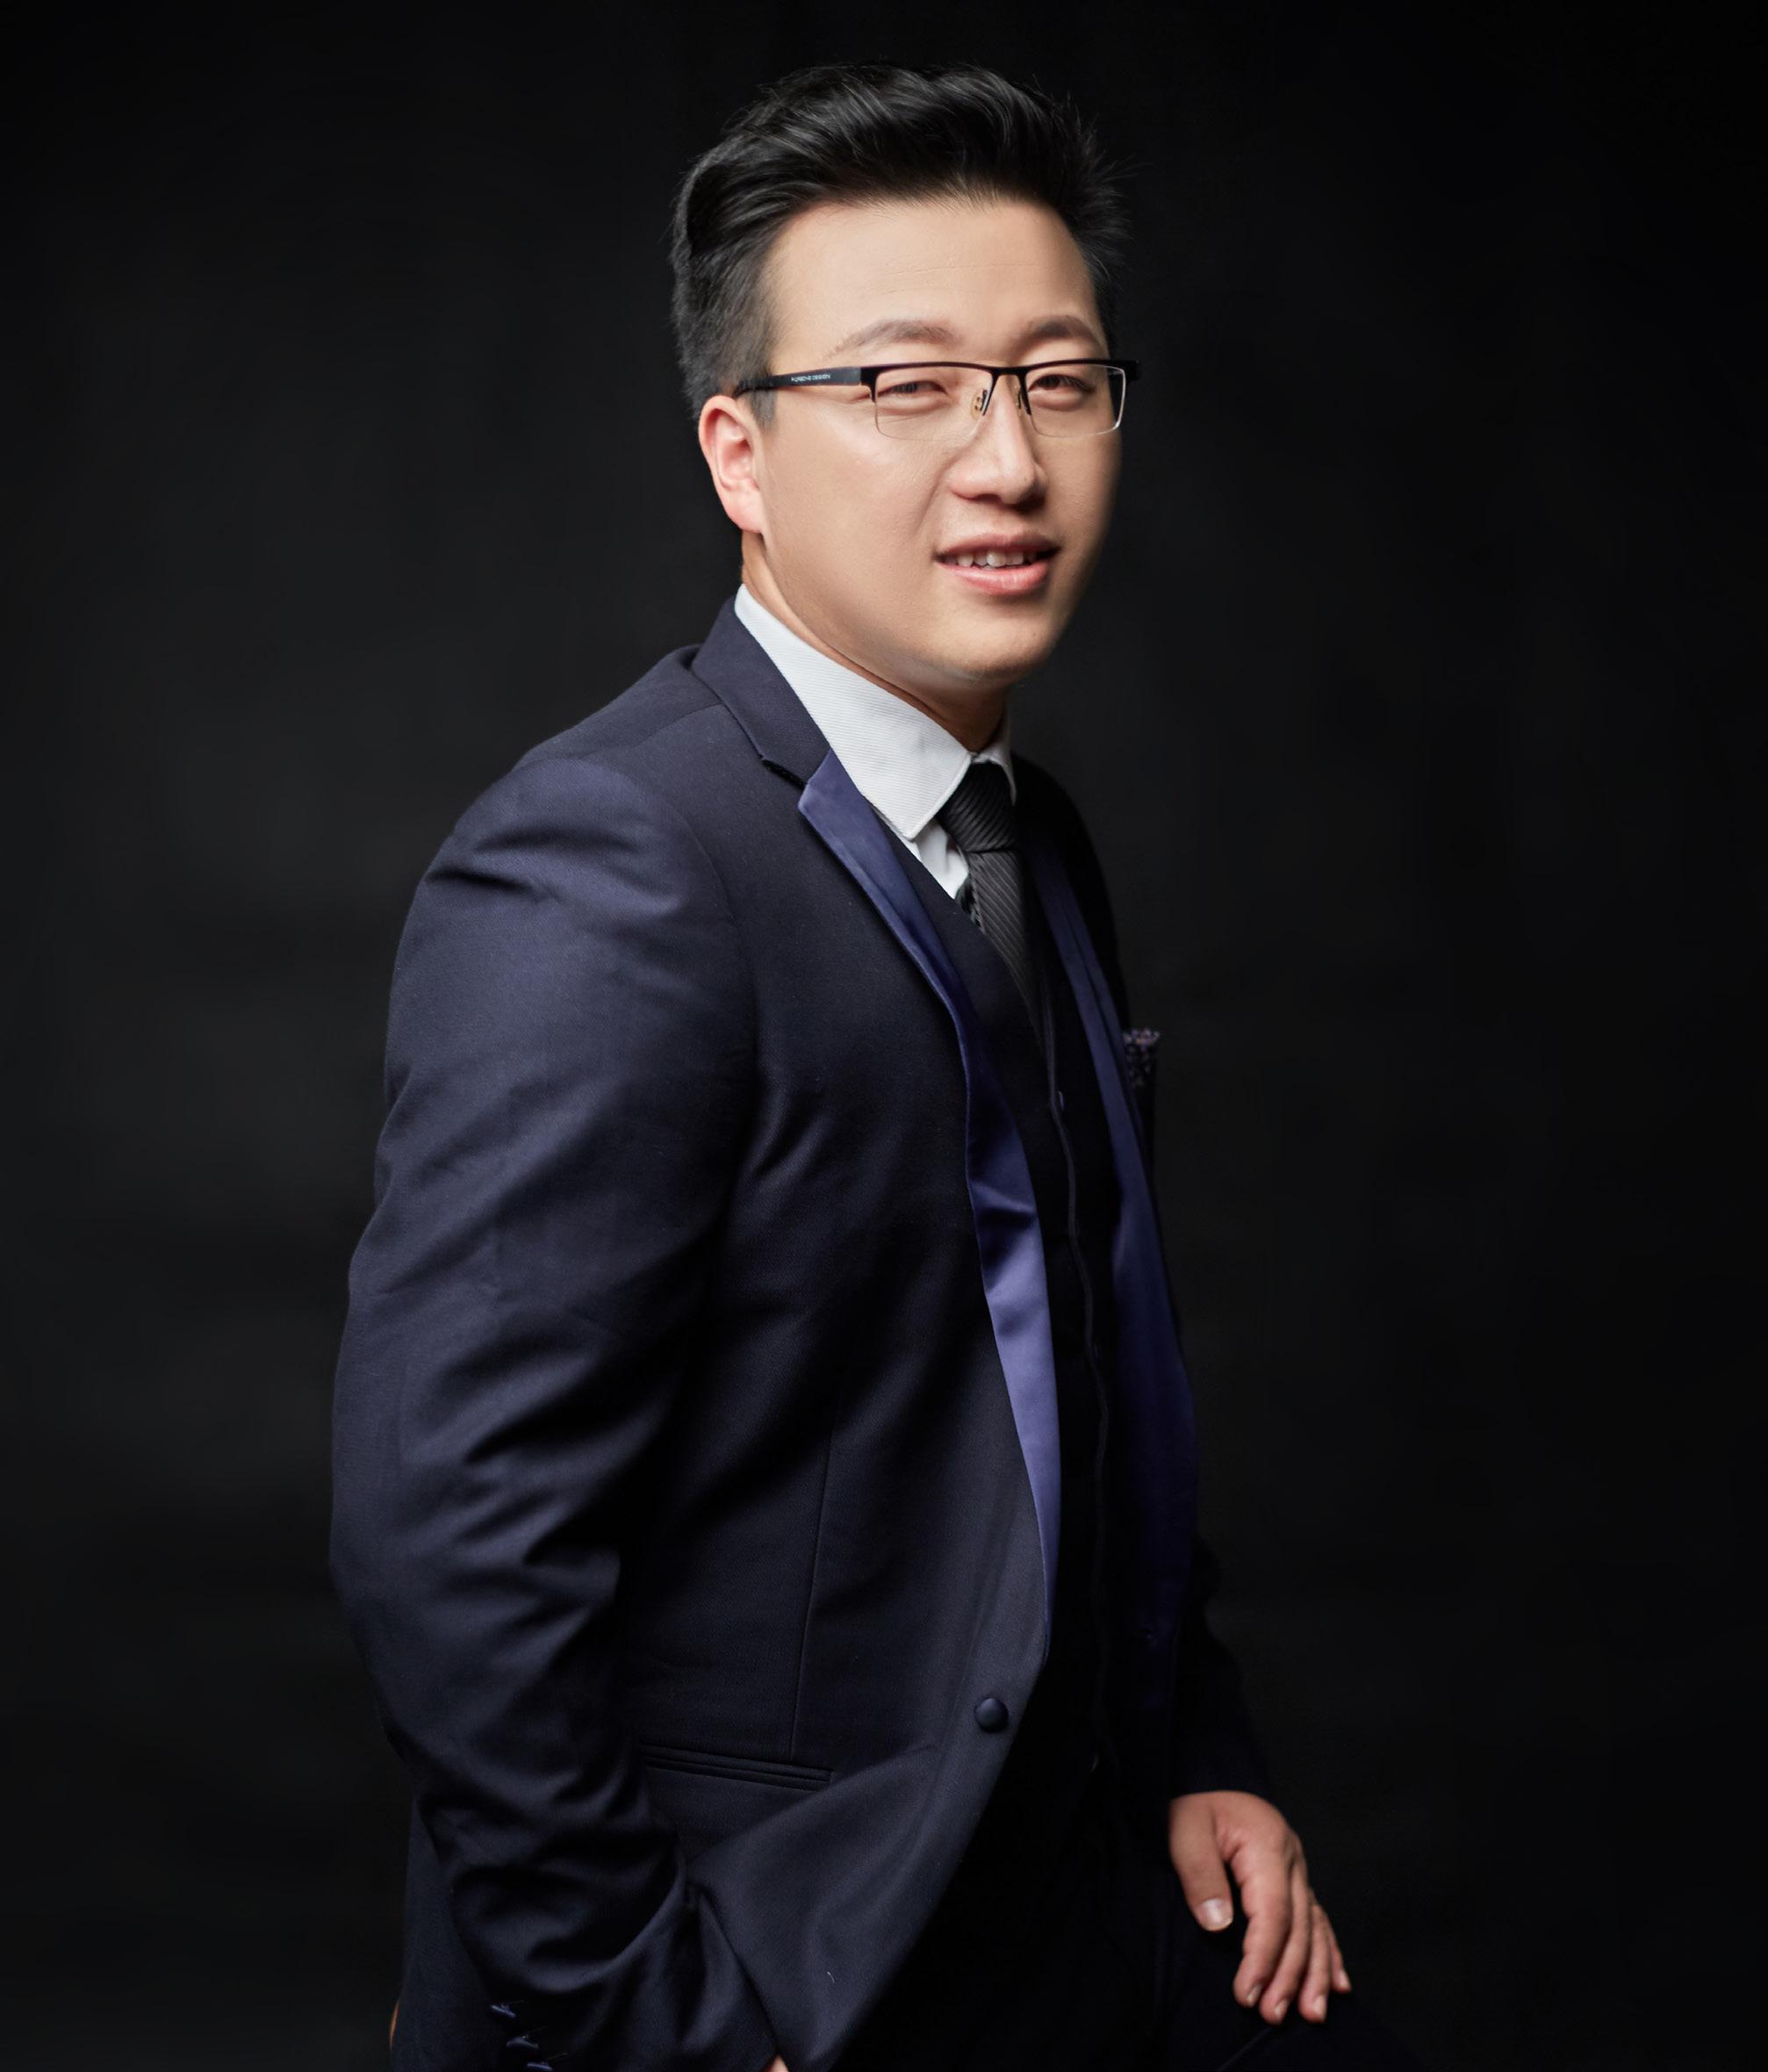 深圳玉成心理教育创始人付景宇